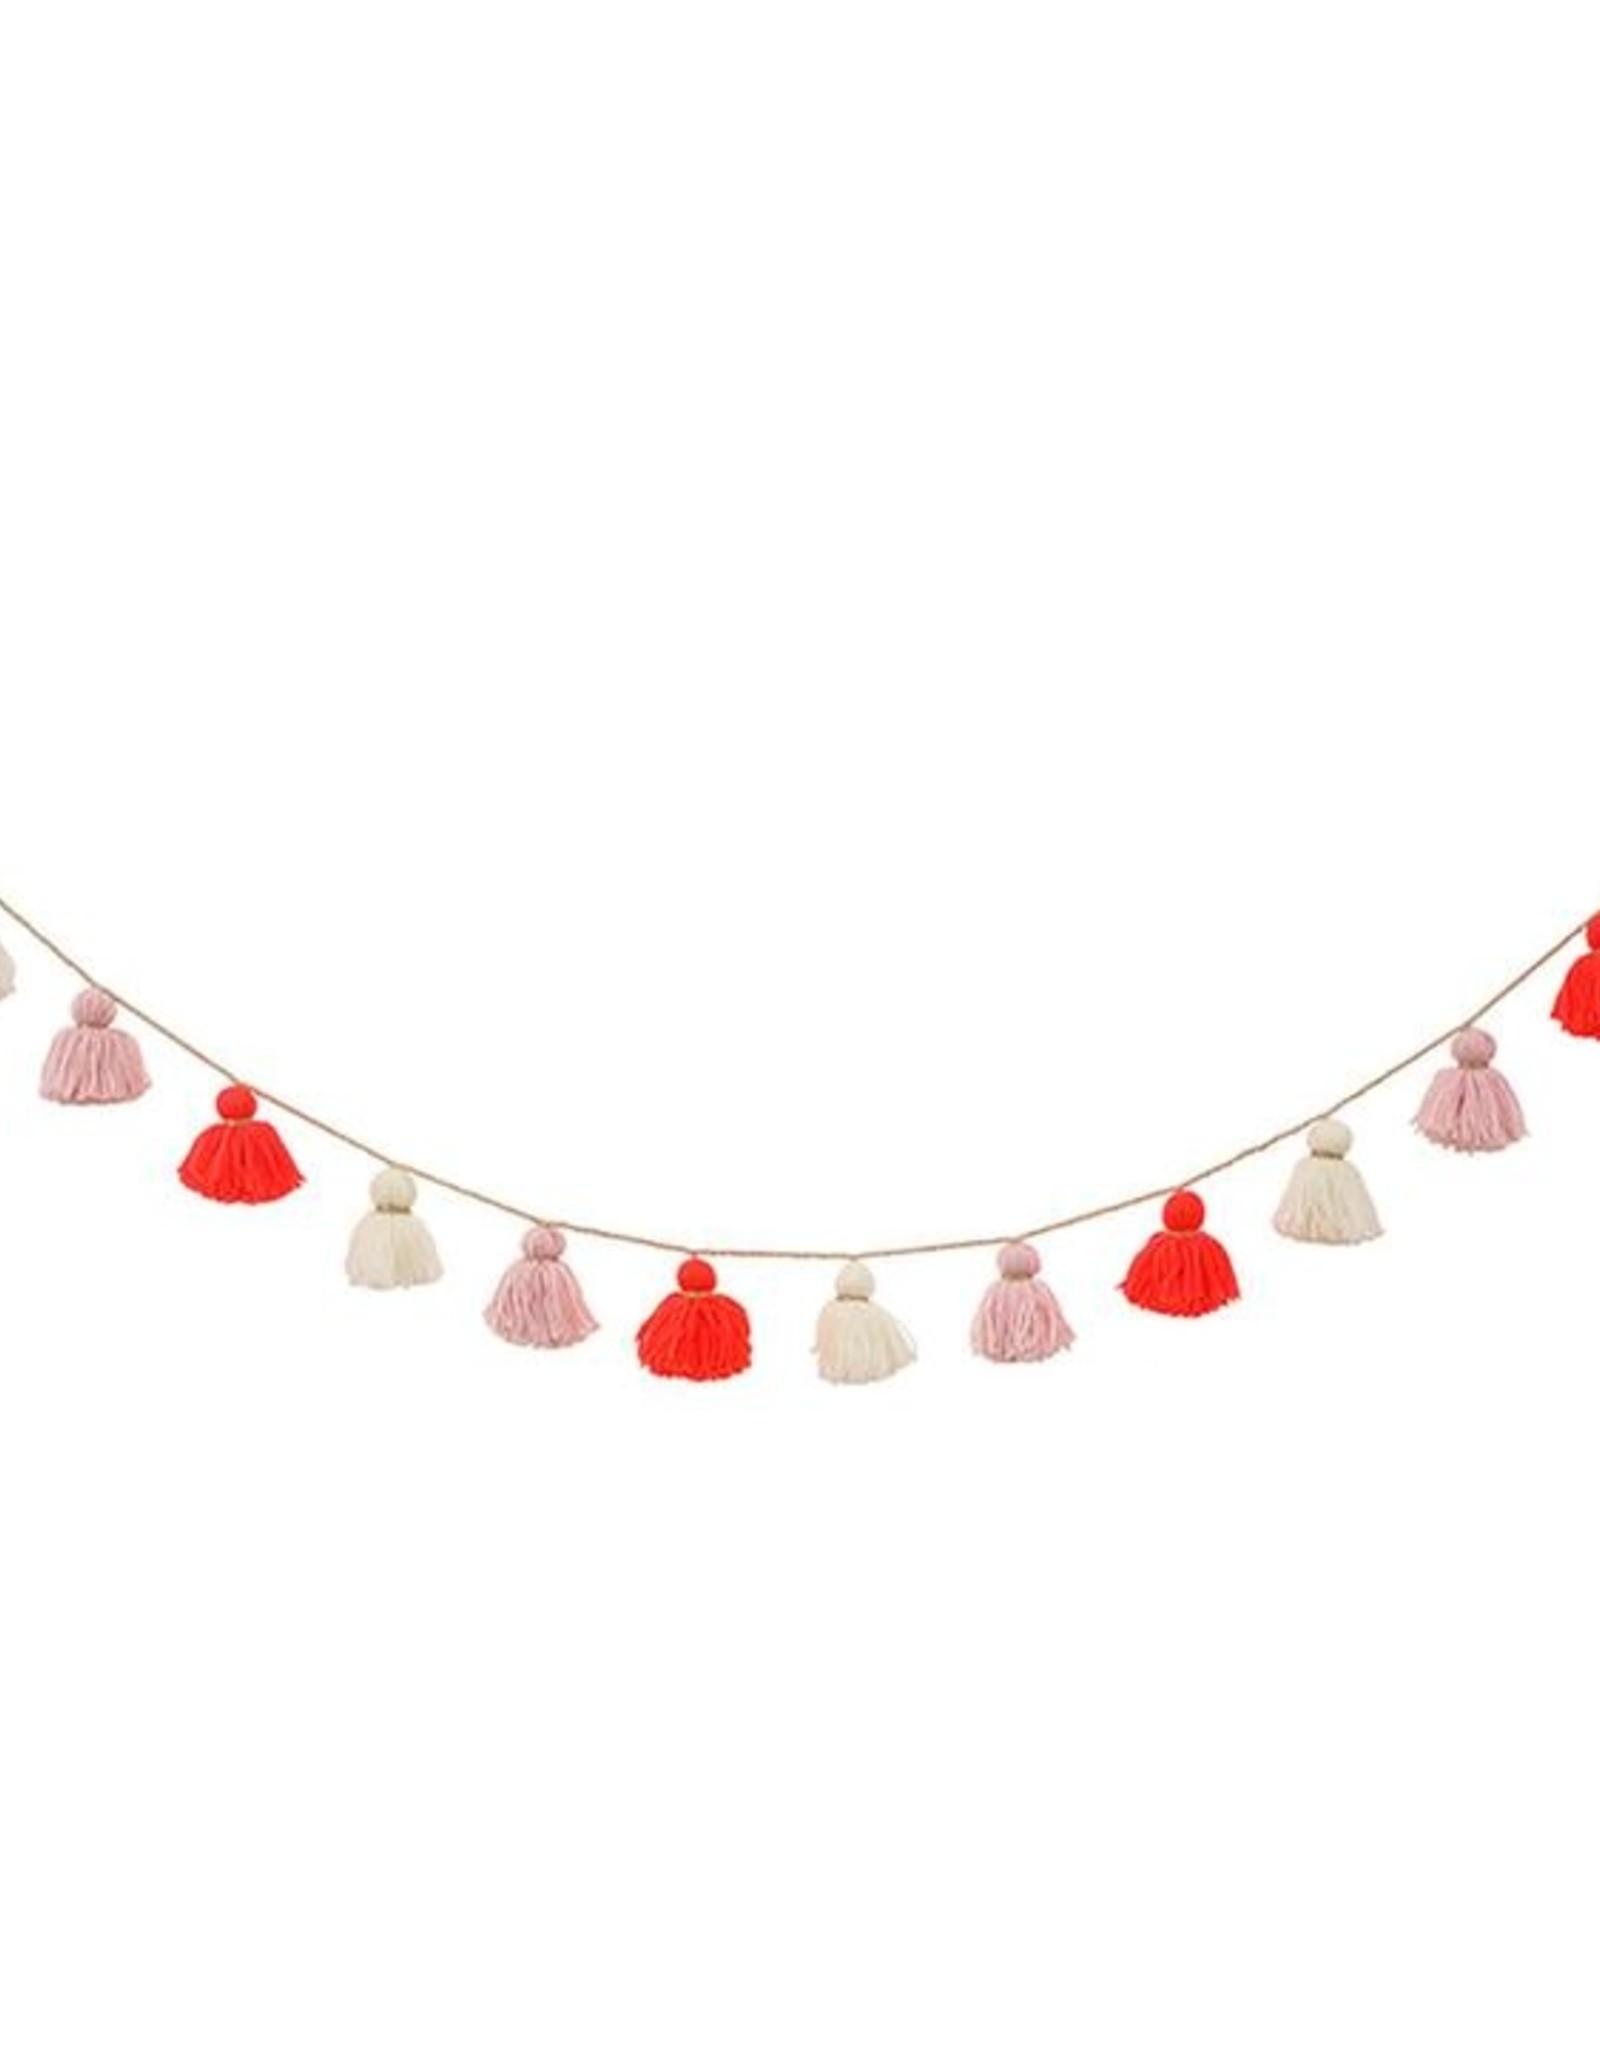 Meri Meri Wool Tassel Garland - Pink